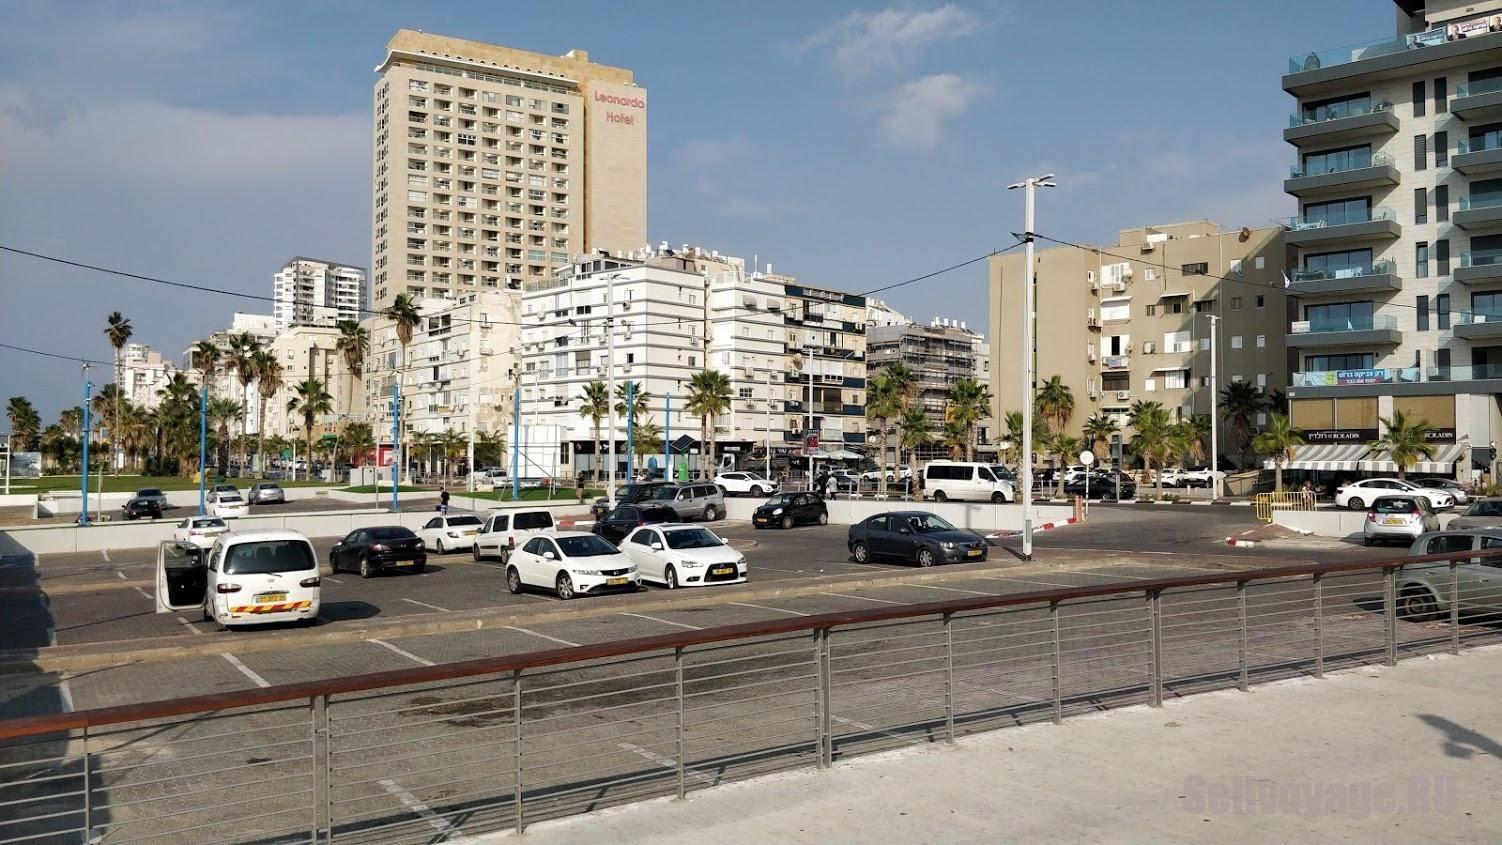 Прокат машин в израиле в 2021 году — все о визах и эмиграции